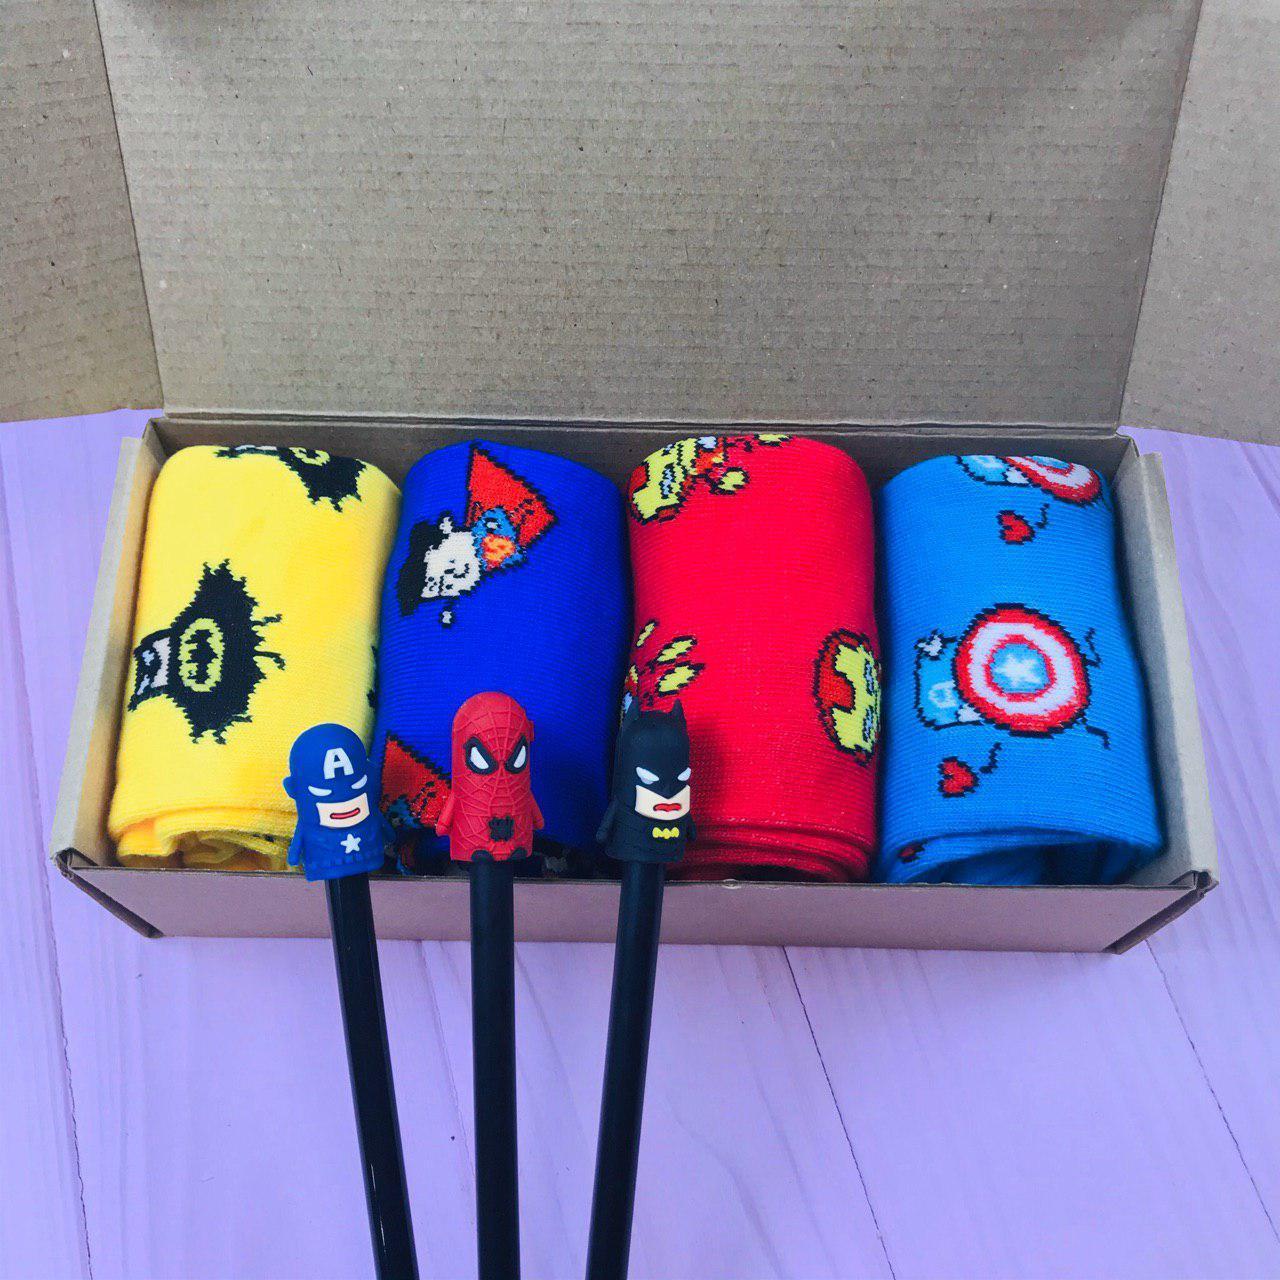 Подарочный Набор City-A Box Бокс с Носками Marvel для Мужчины и Женщины из 7 ед №2373